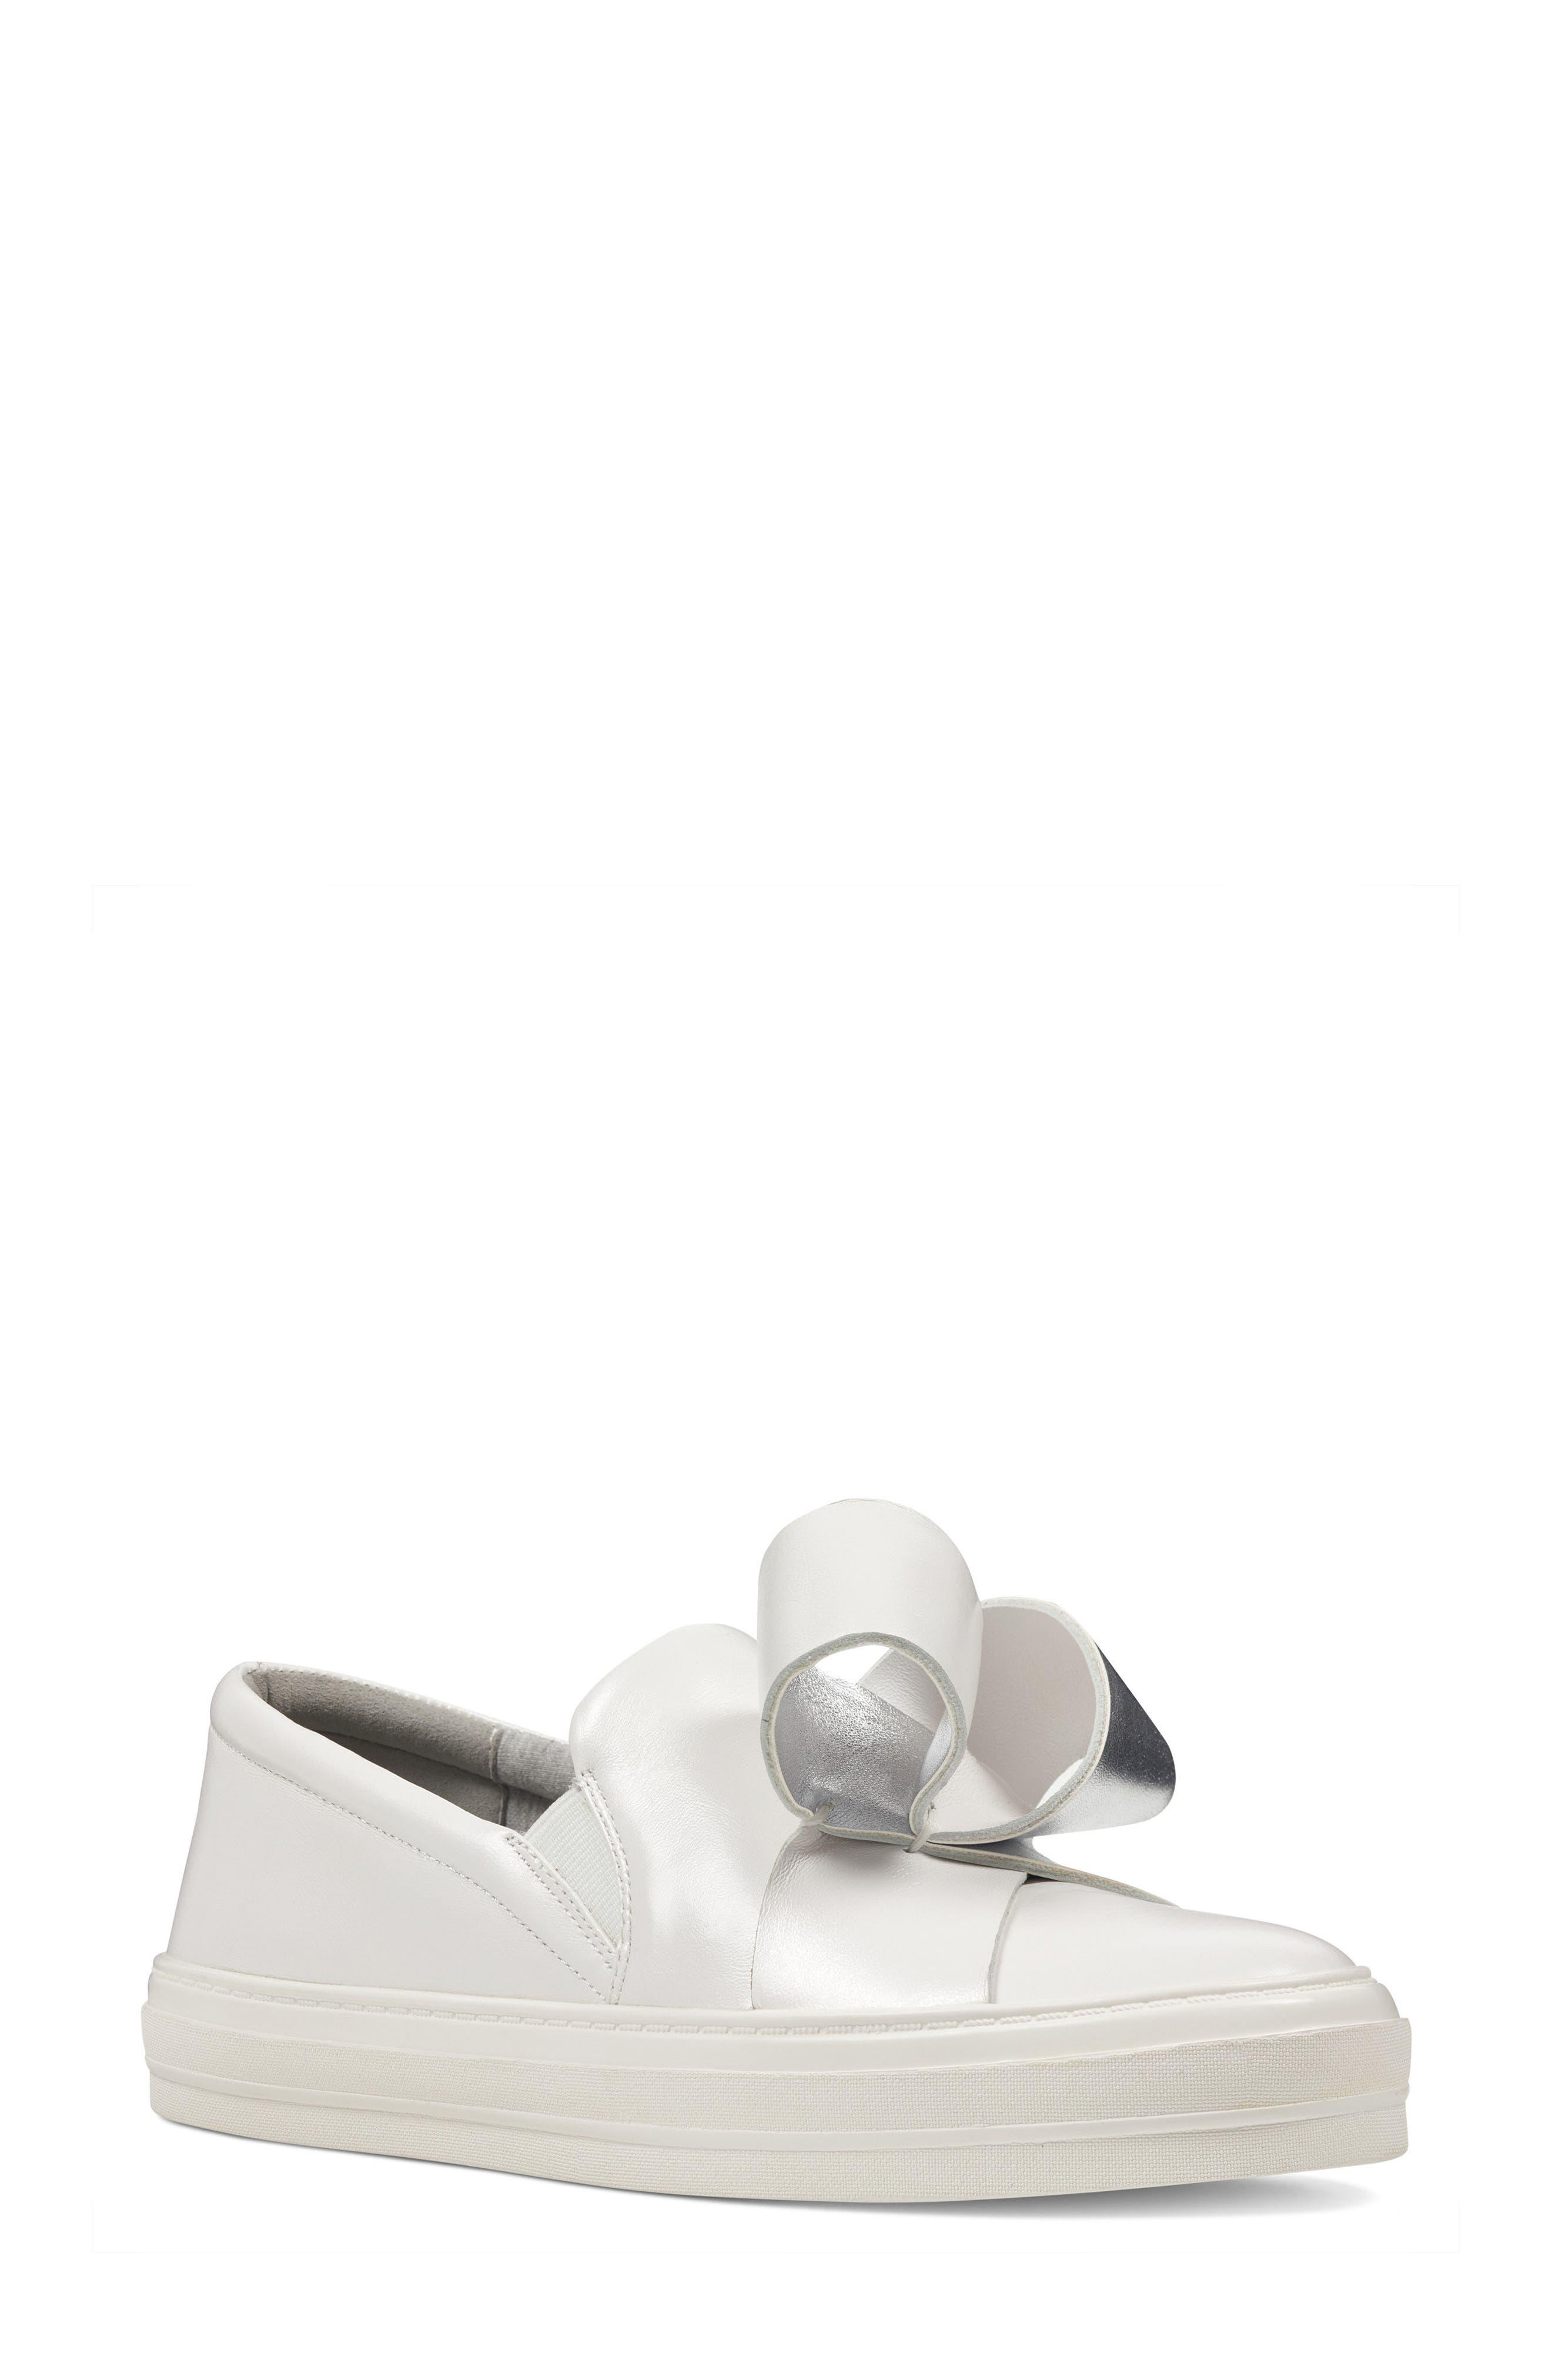 Odienella Slip-On Sneaker,                         Main,                         color, White Multi Leather